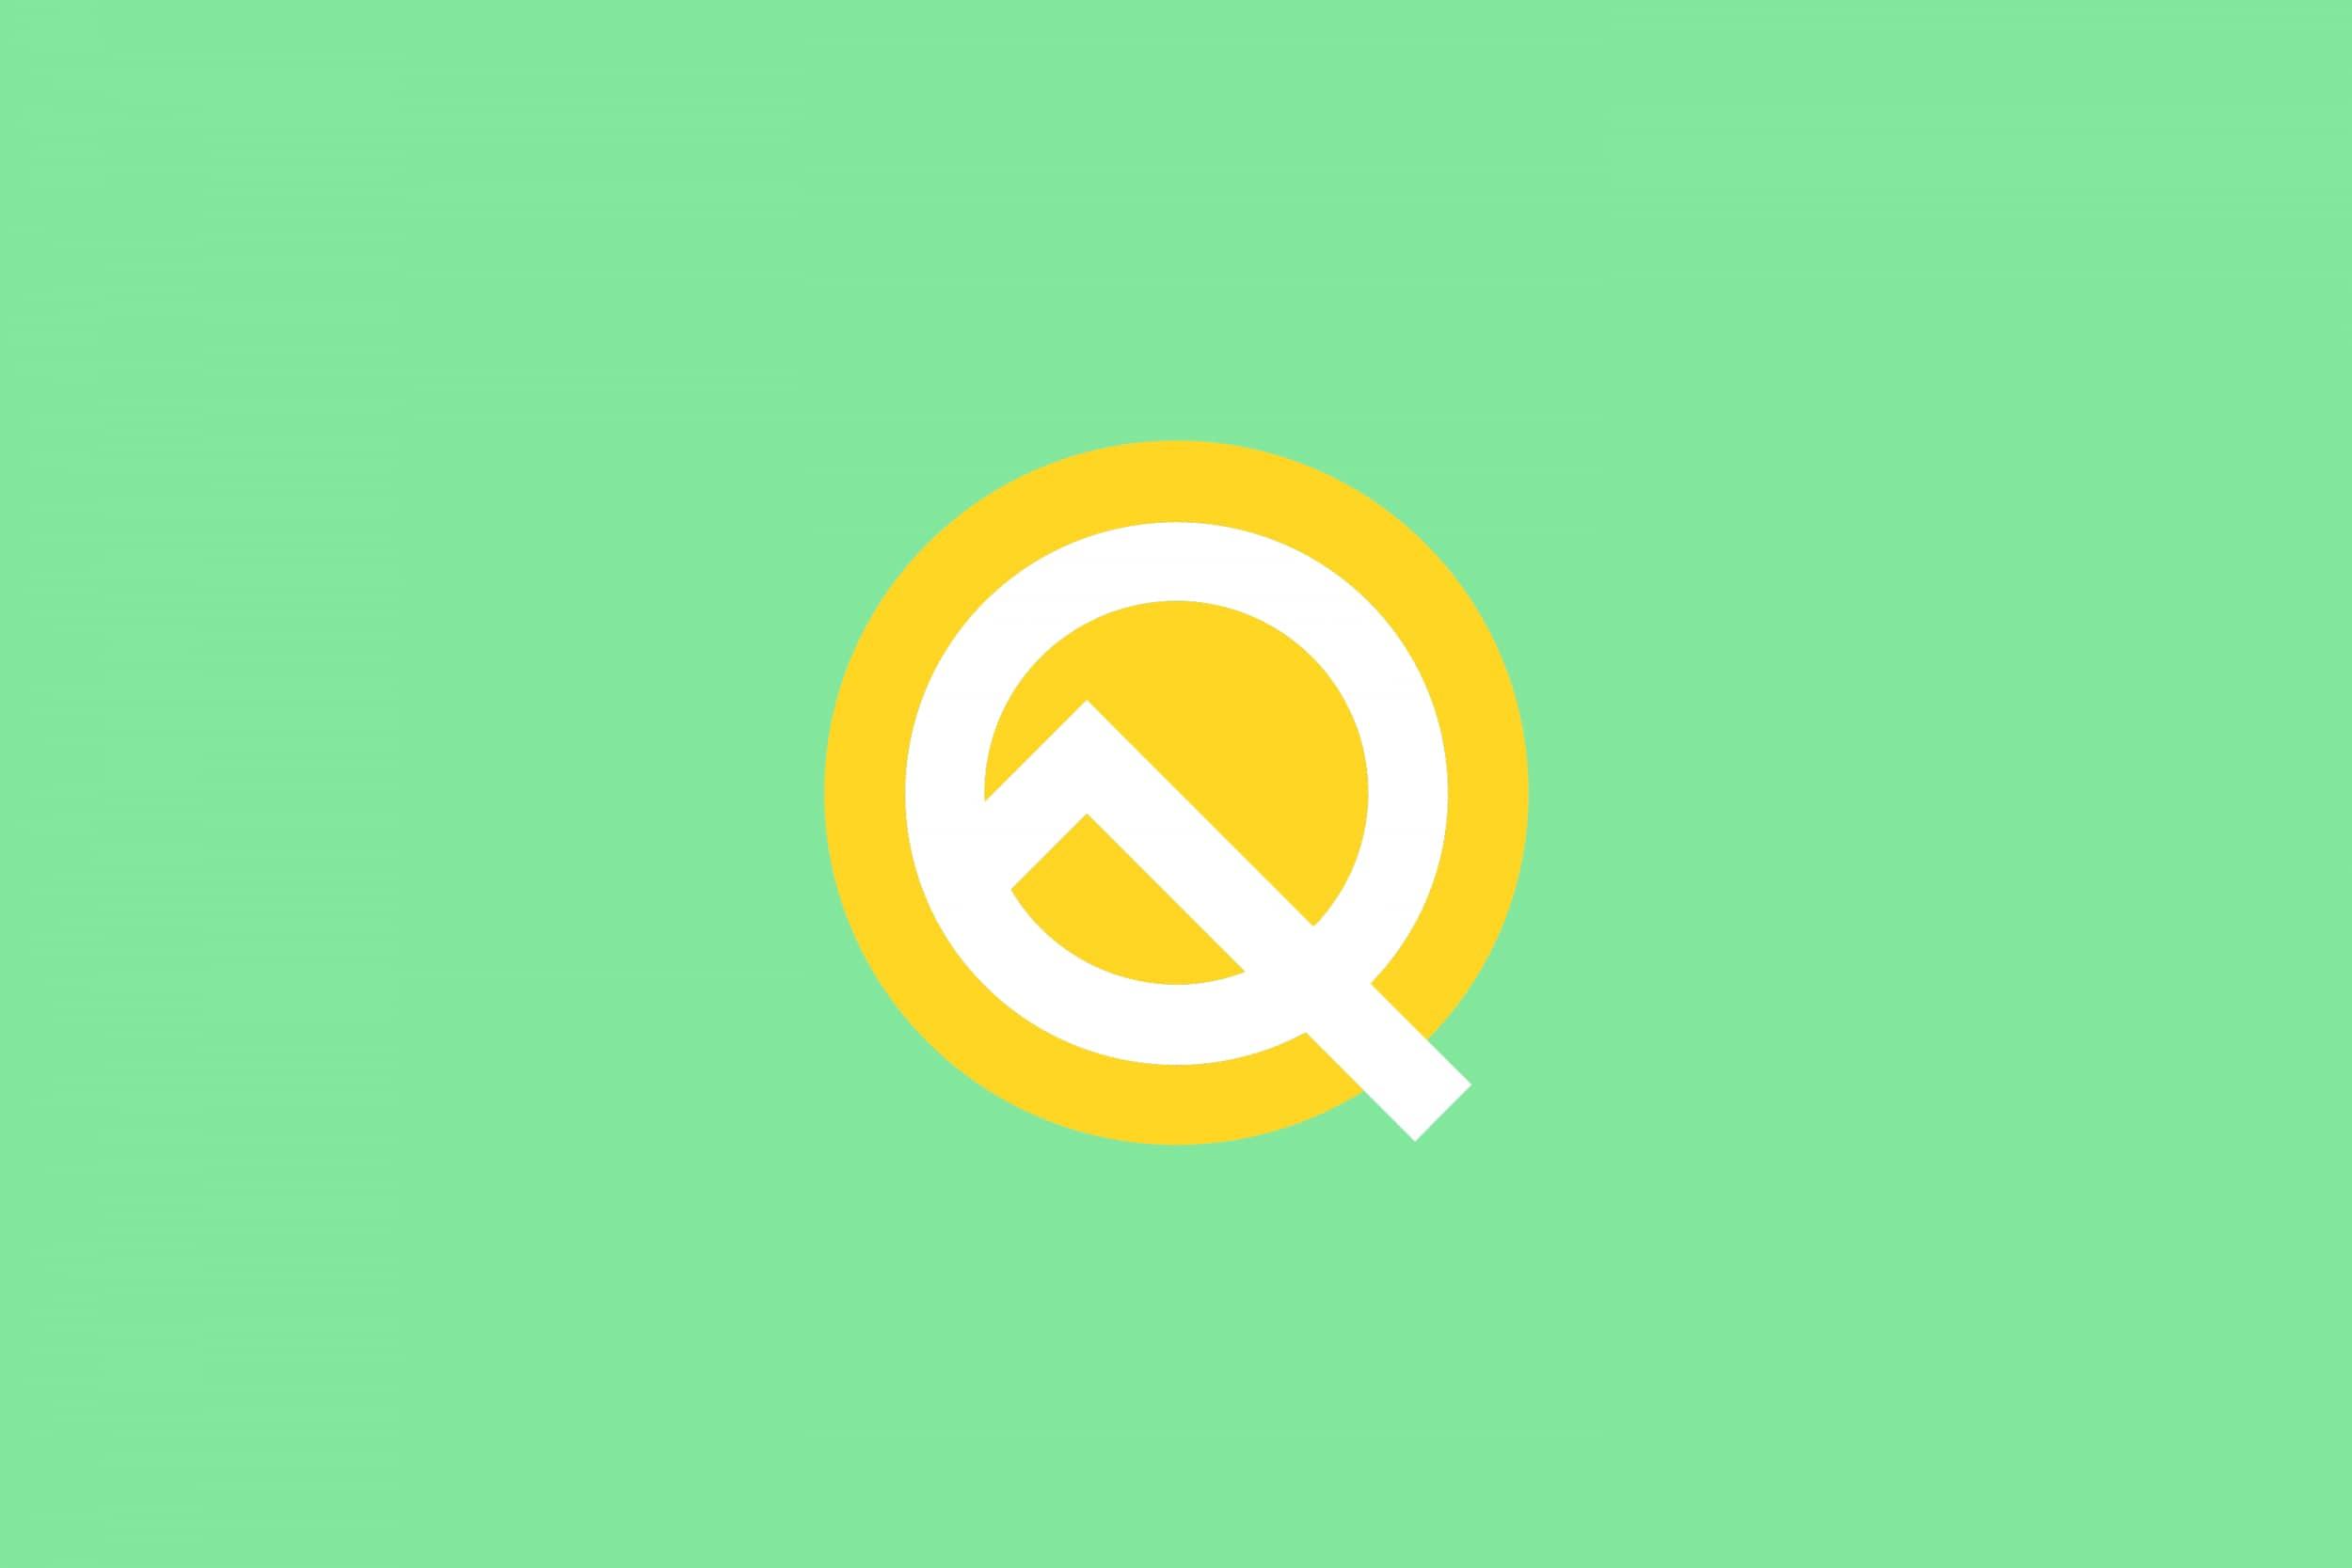 Se volete personalizzare la nav bar di Android Q e sbarazzarvi del tasto indietro, questa è la guida che cercate